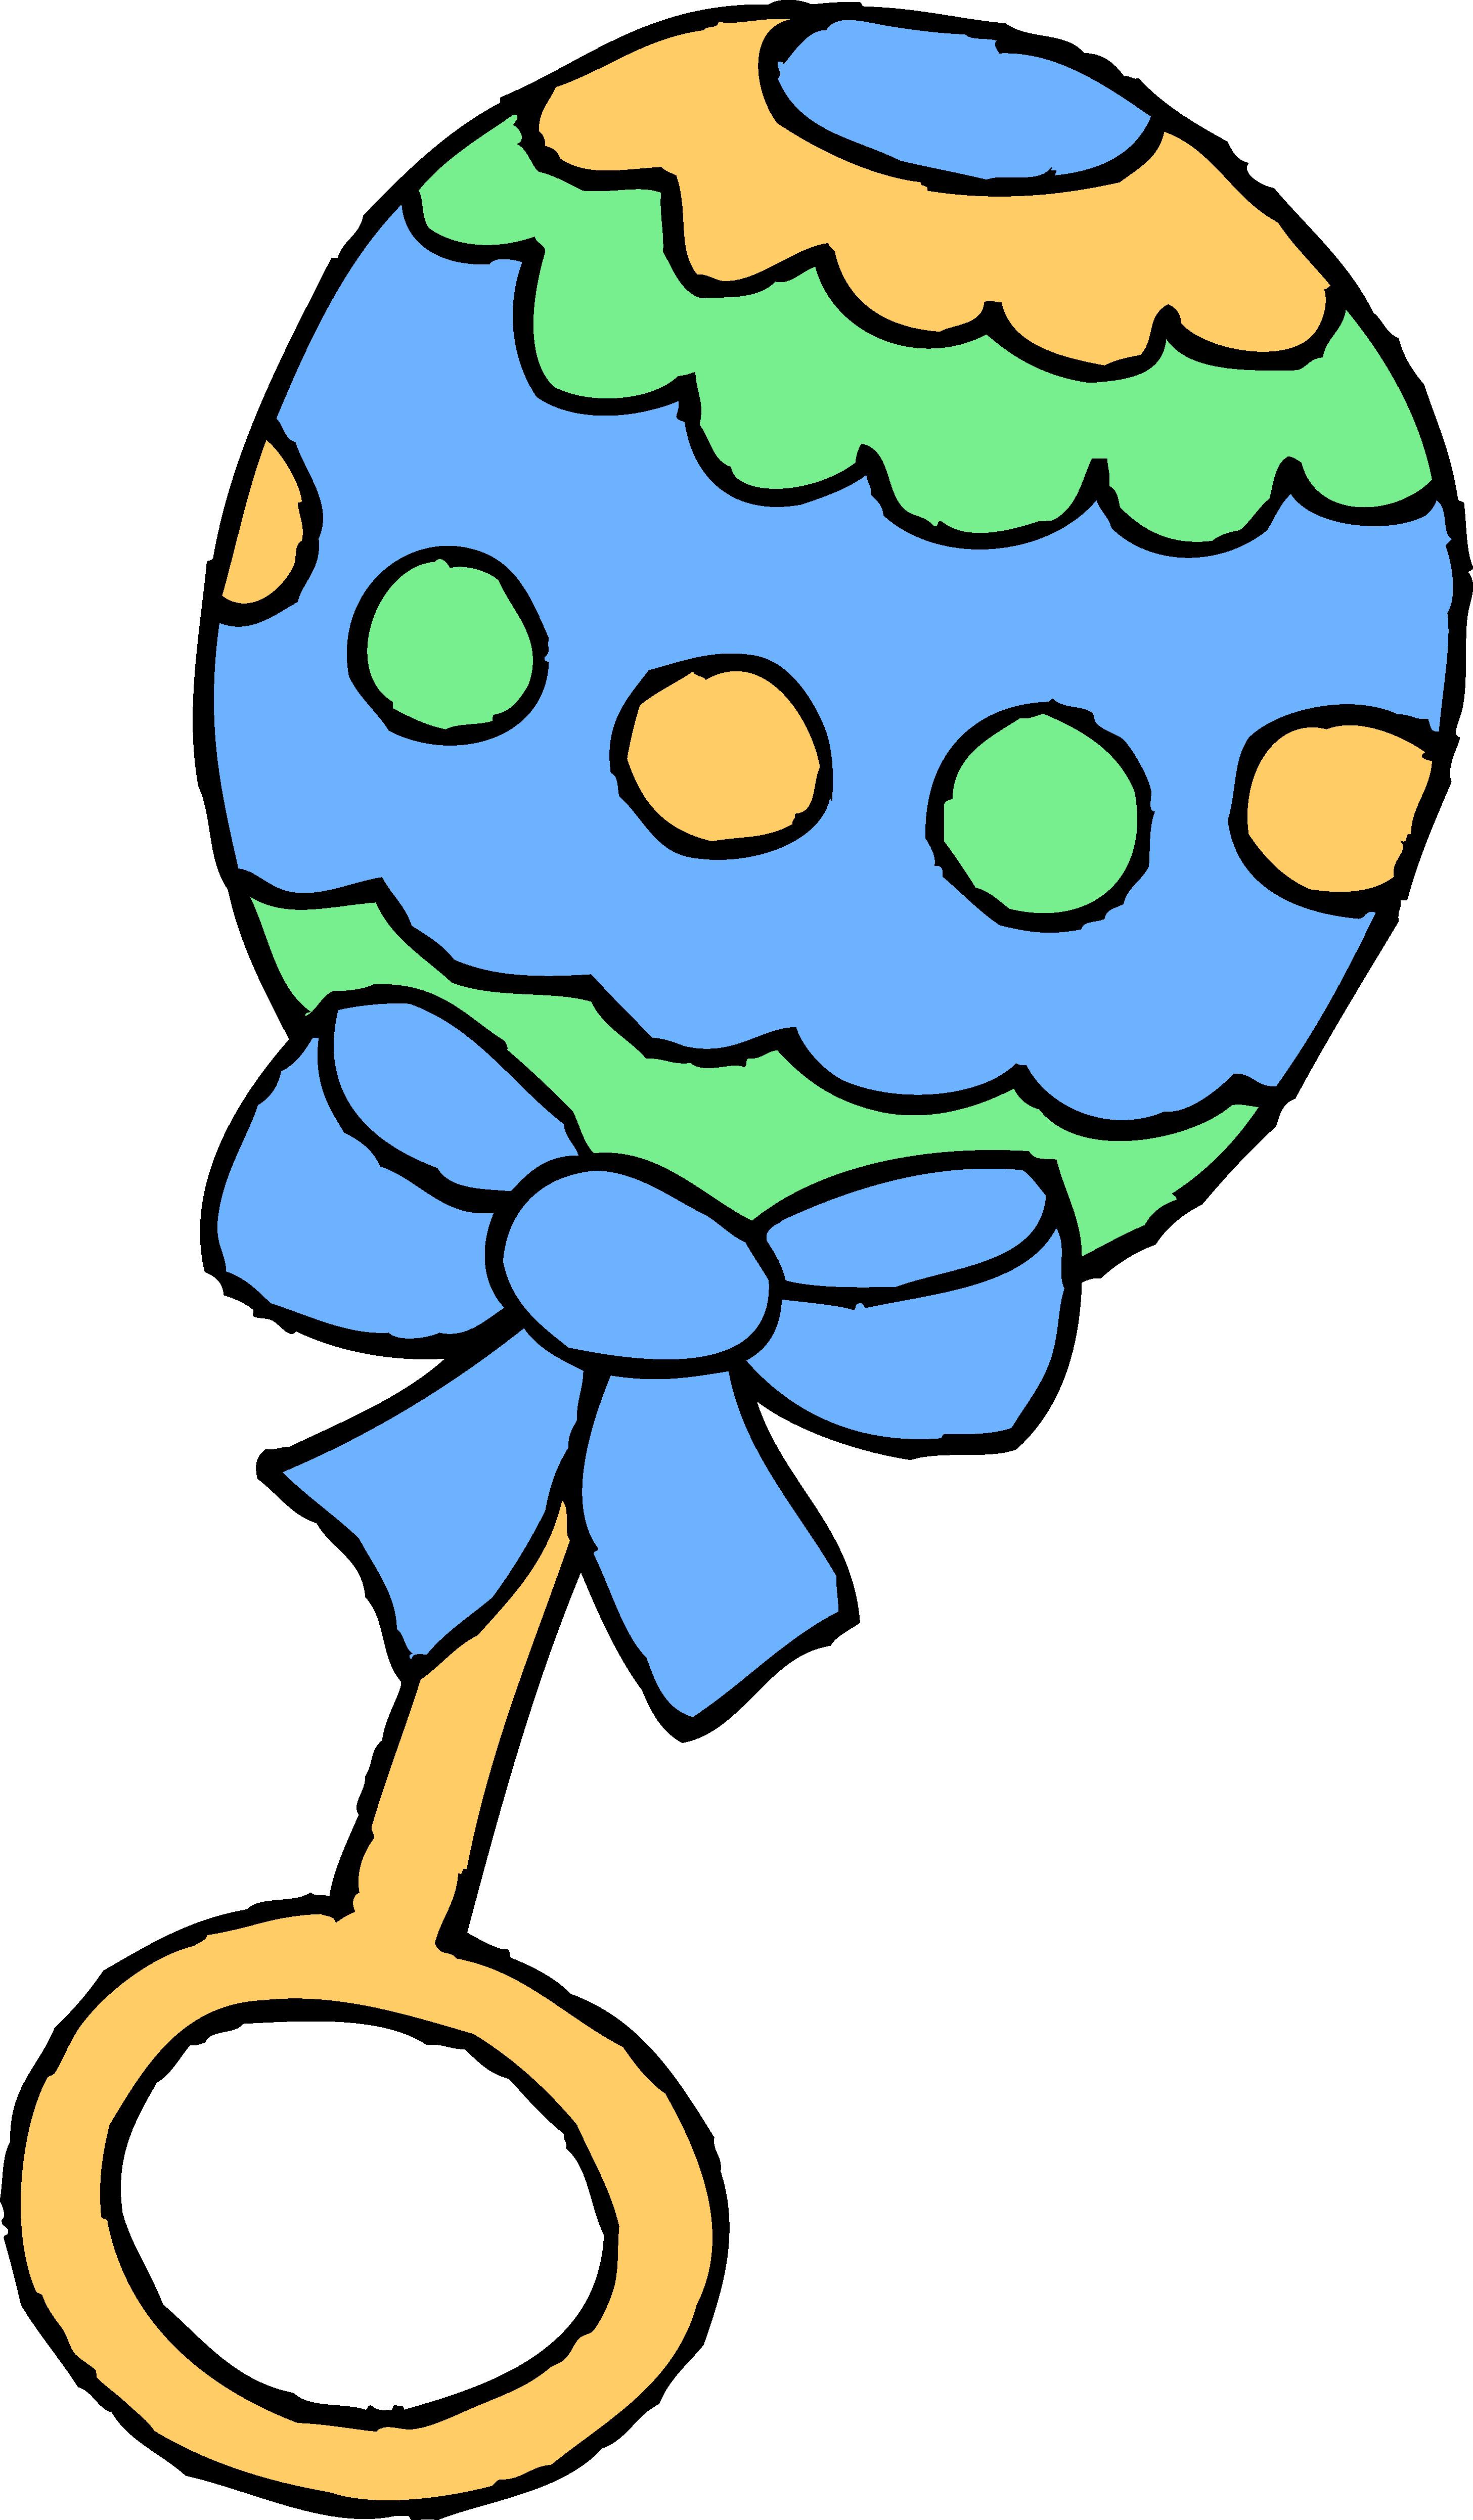 Baby boy onesie clipart transparent background - ClipArt Best ...